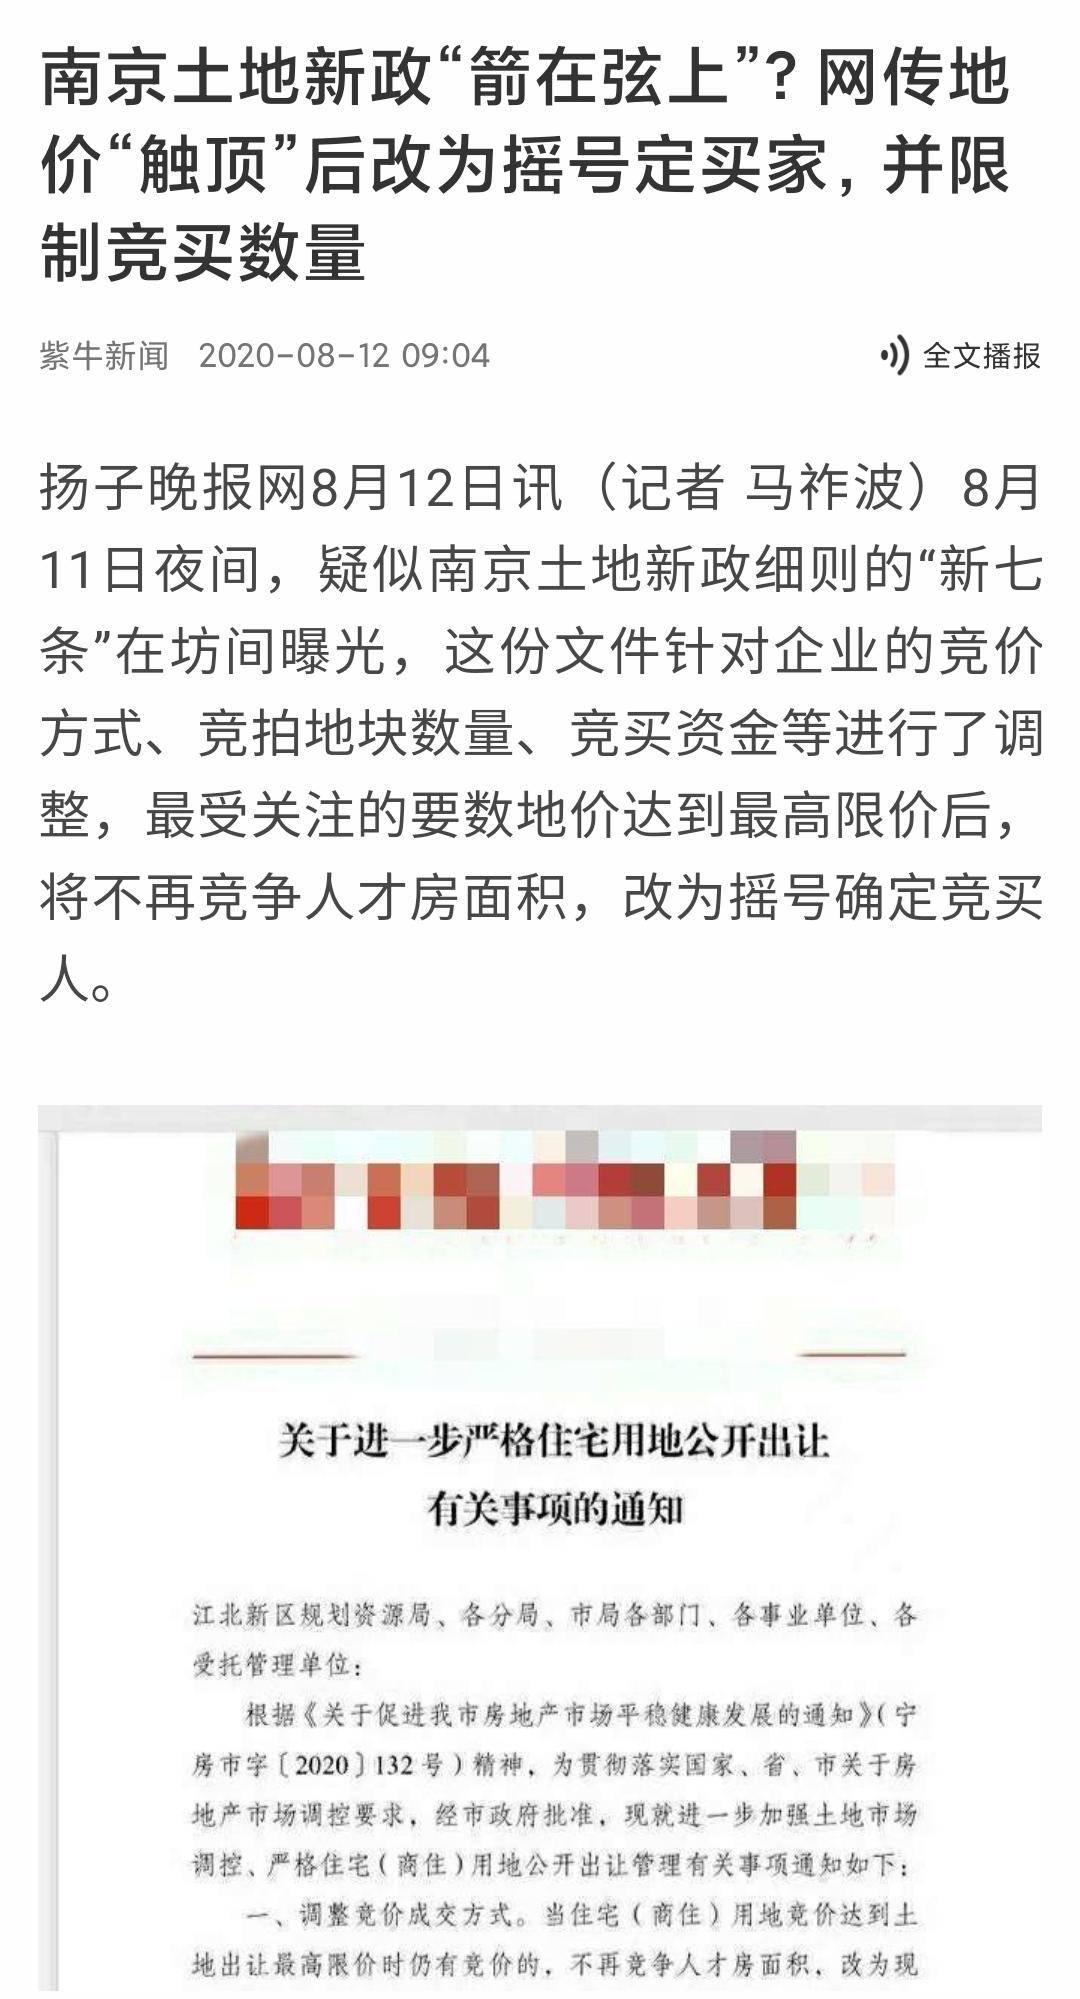 """南京出台""""土地新政""""—— 地价""""触顶""""后改为摇号定买家 限制竞买数量-中国网地产"""